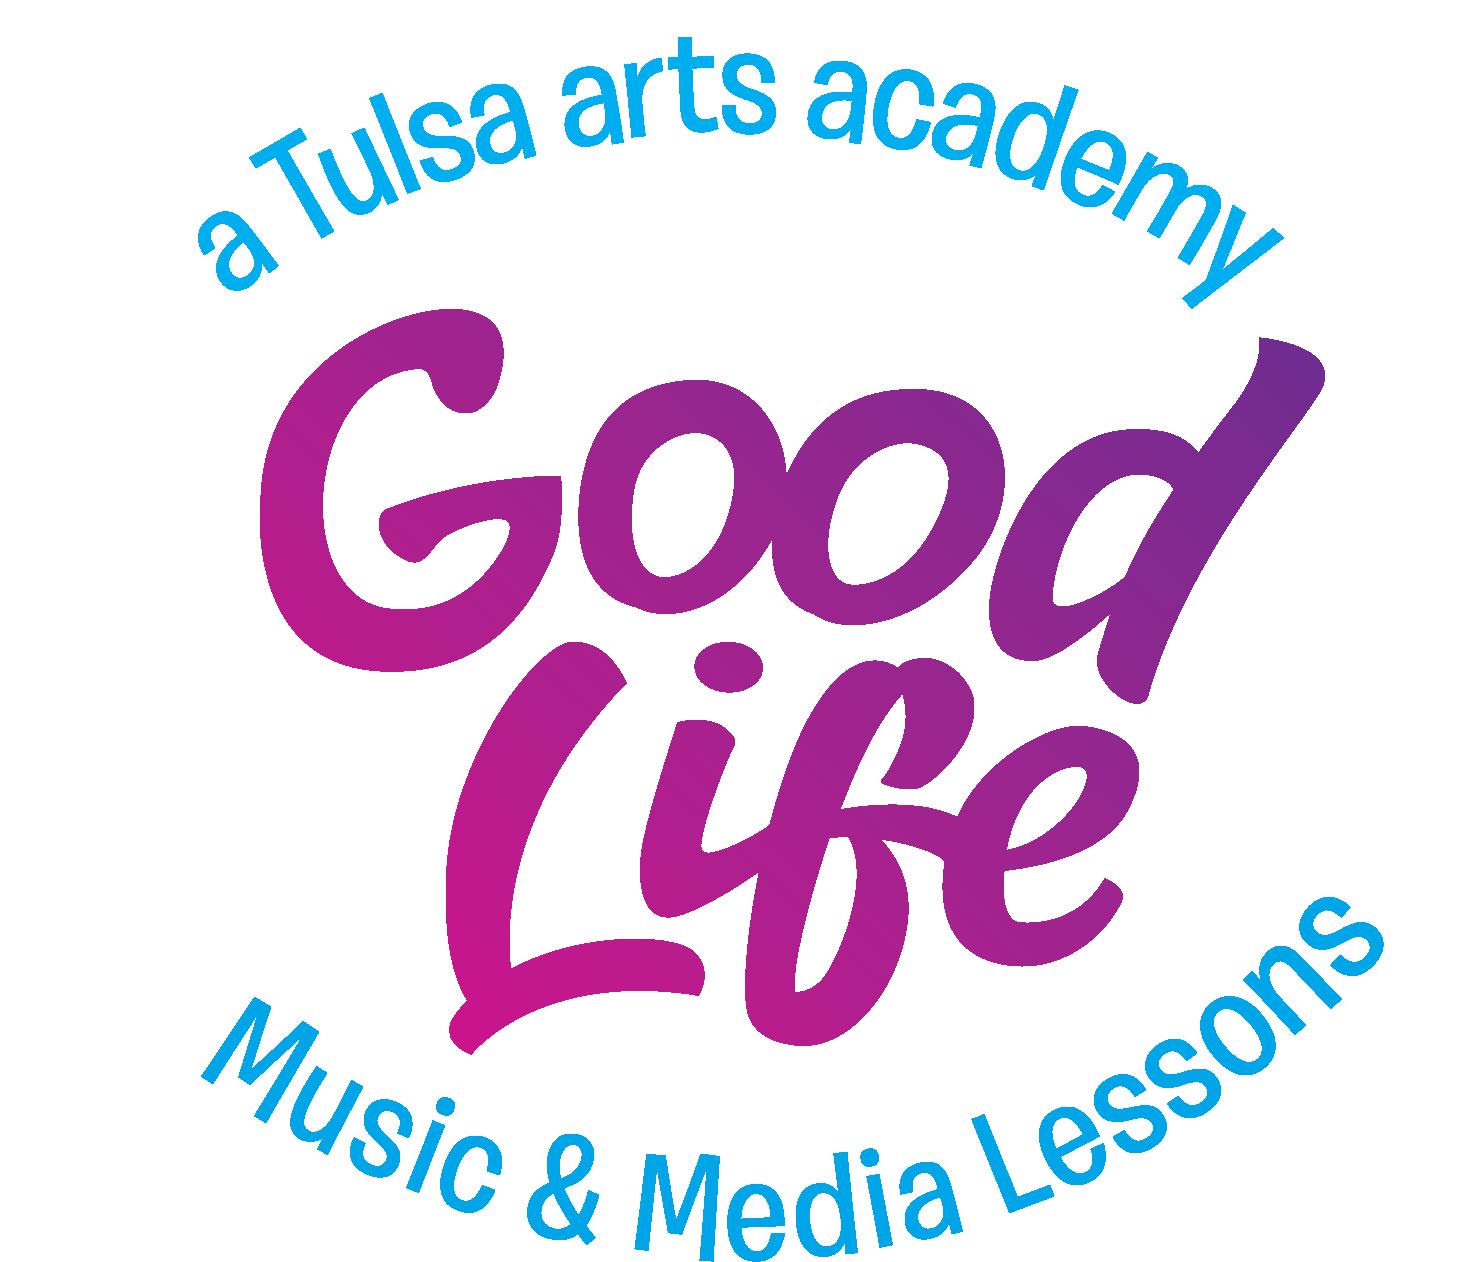 Good Life Music & Media Academy - a Tulsa arts academy